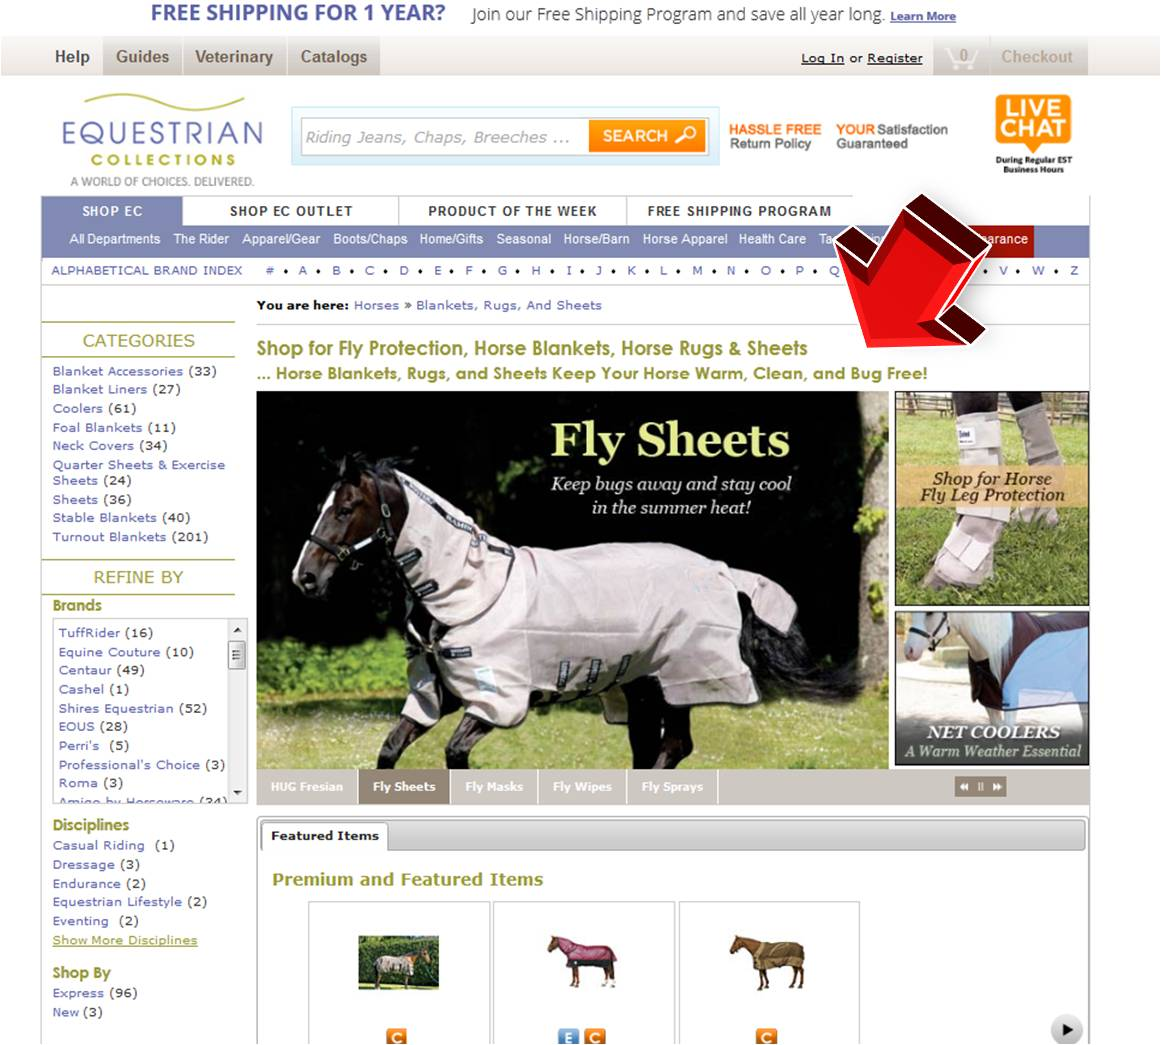 Horse.com coupon code